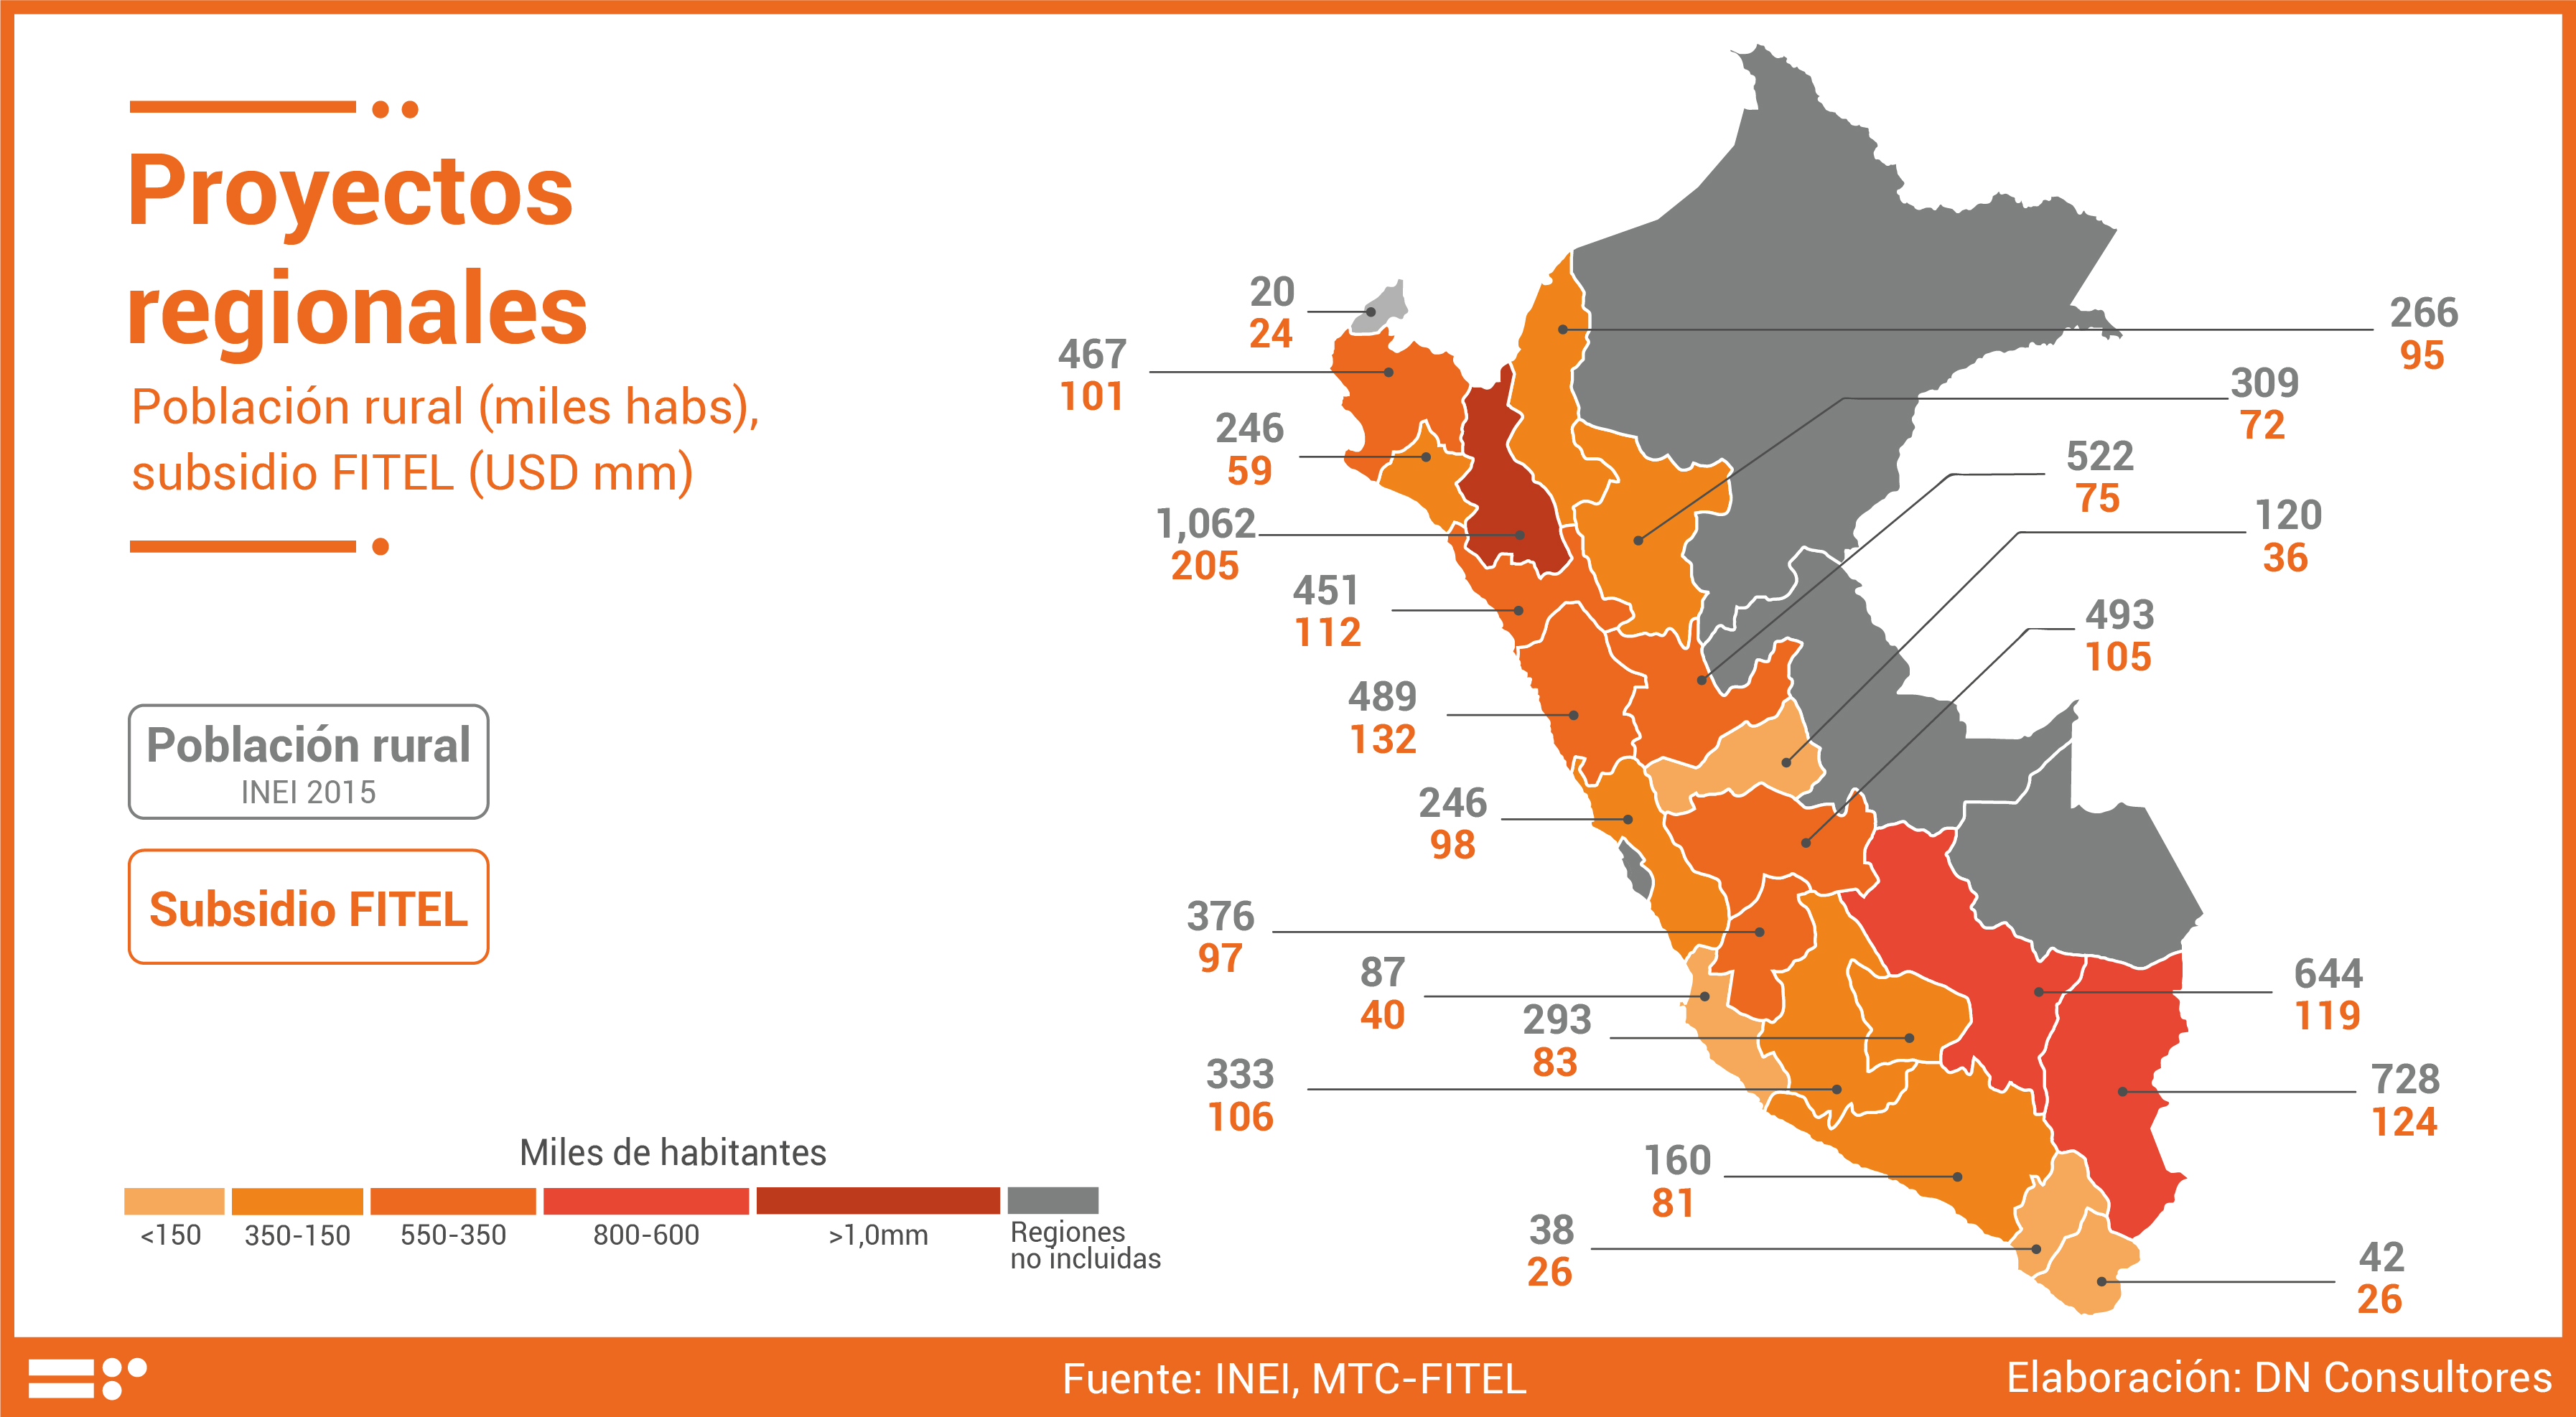 17.06.08 Proyectos regionales